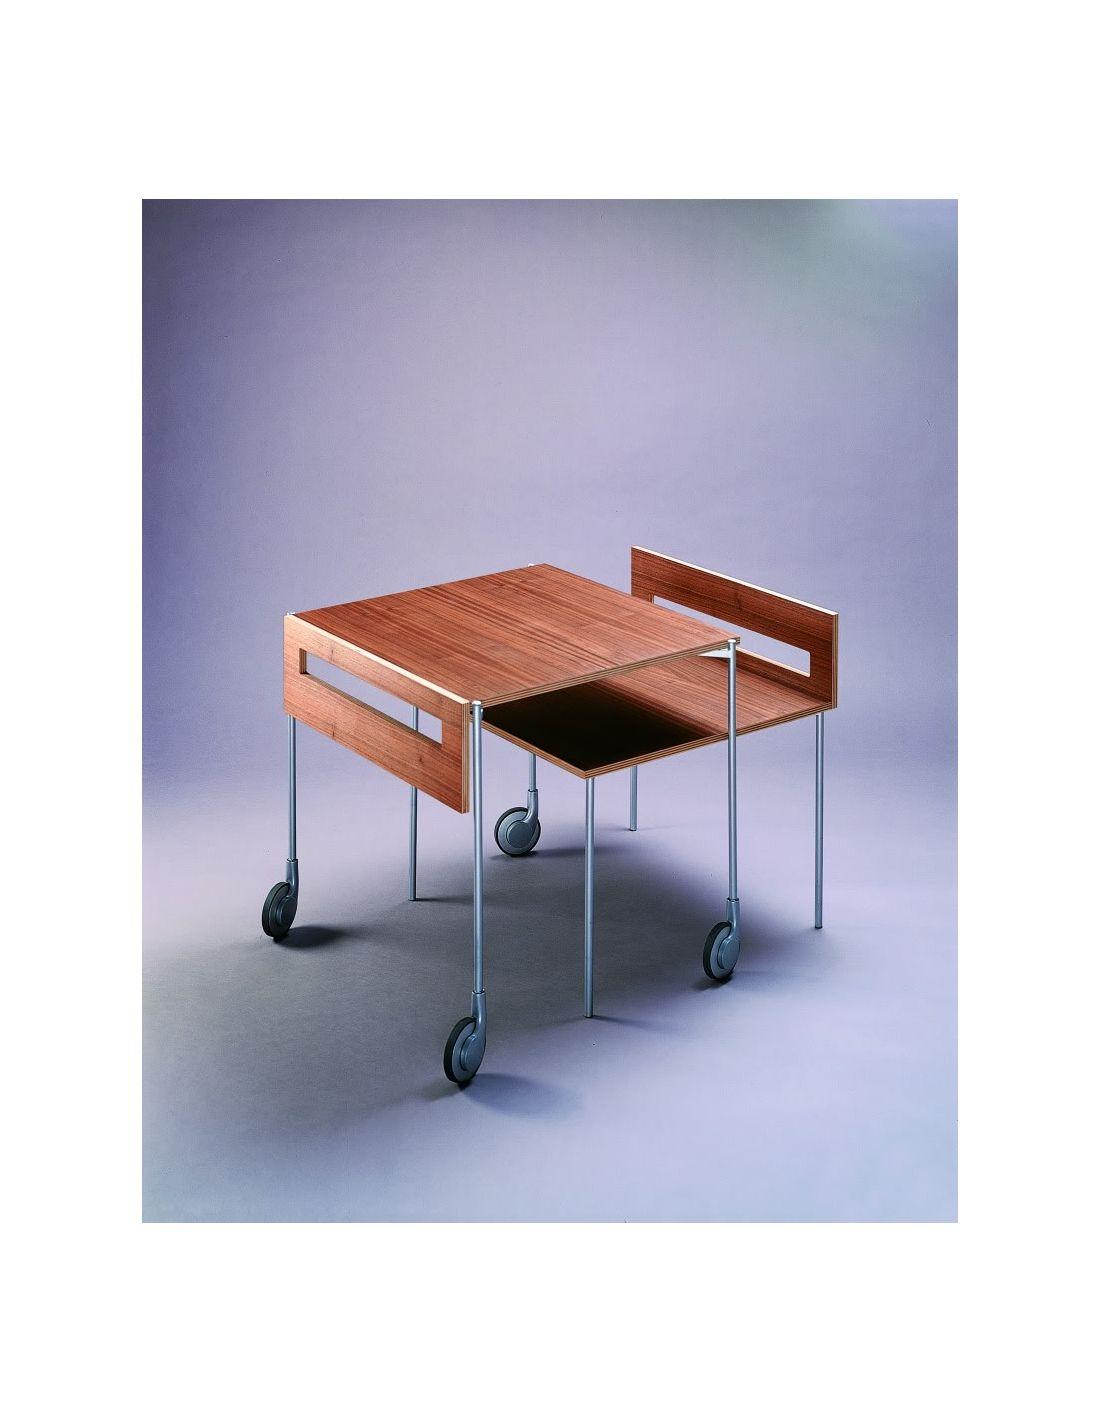 Tavolino Soggiorno Design ~ Trova le Migliori idee per ...